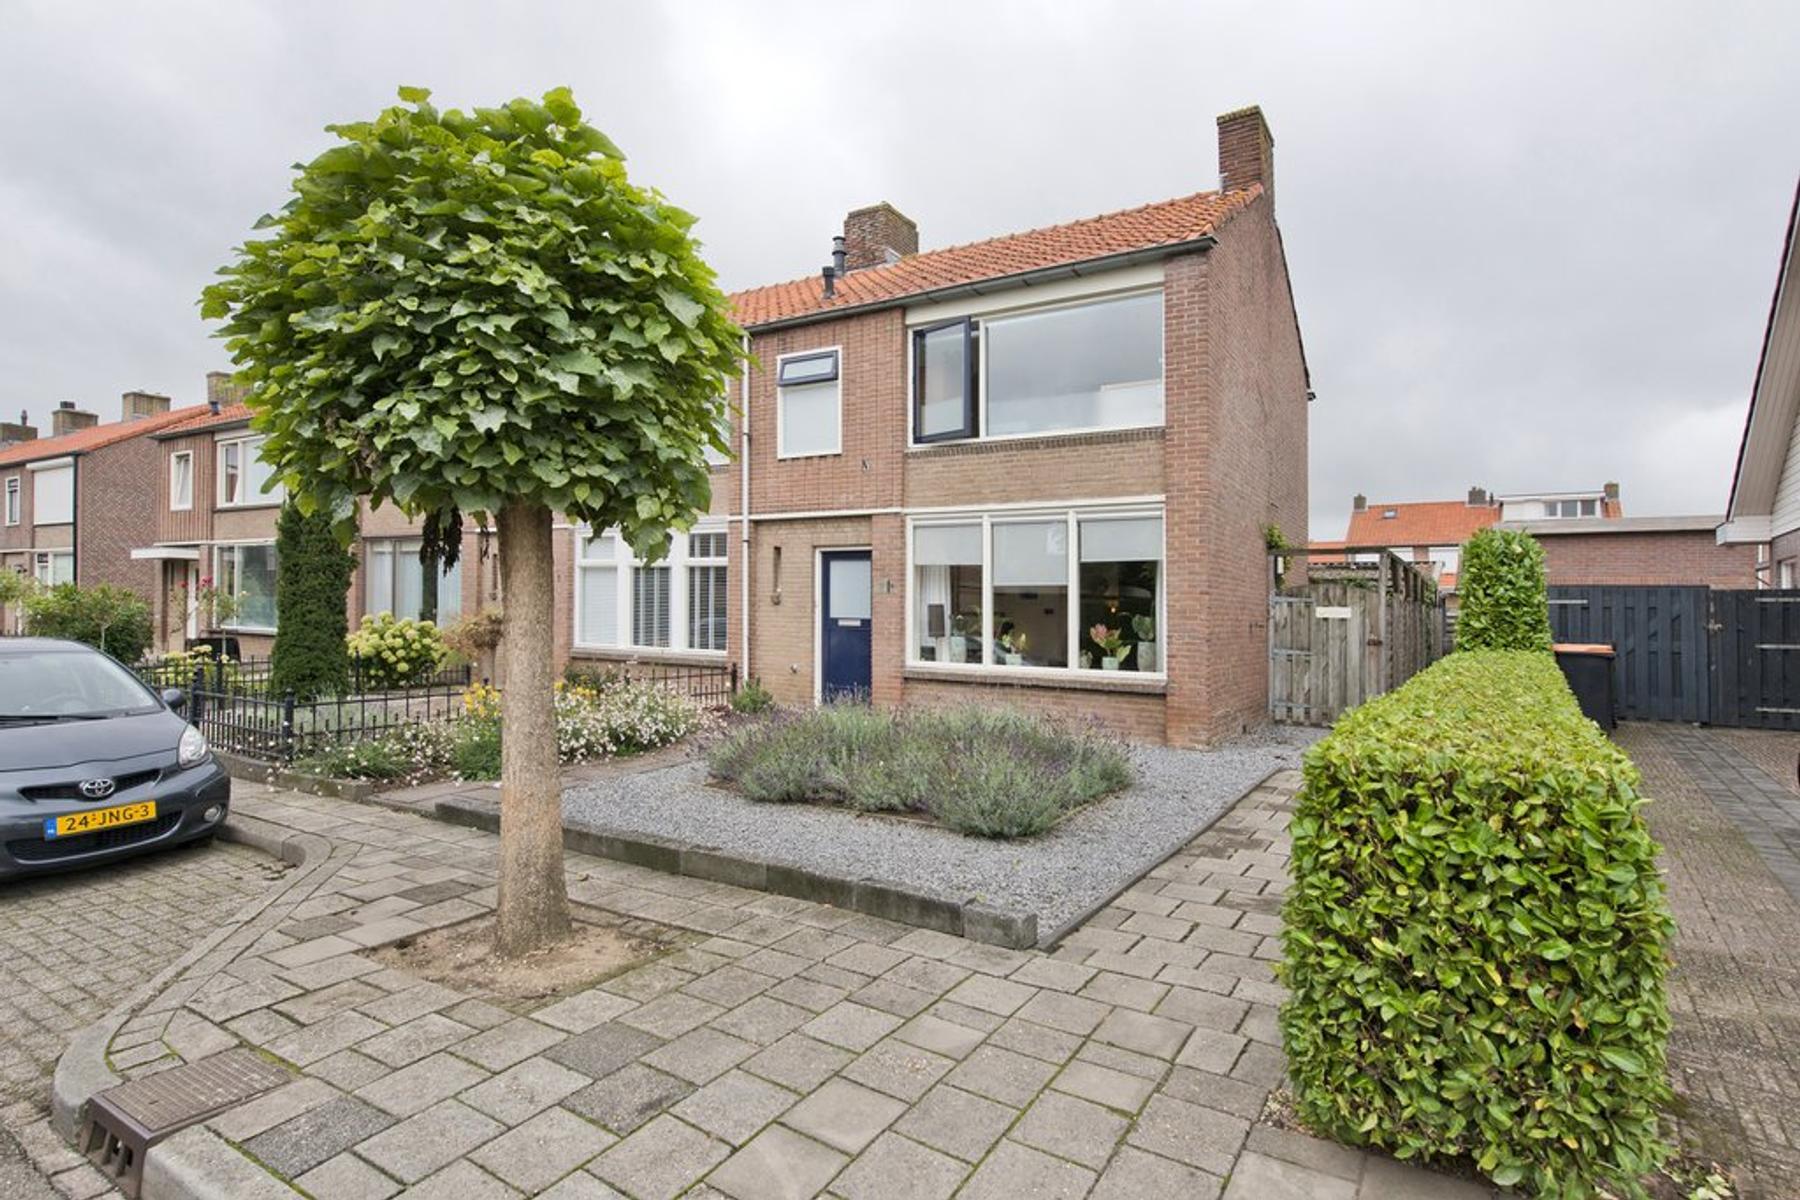 Piet Heinstraat 5 in Druten 6651 ZR